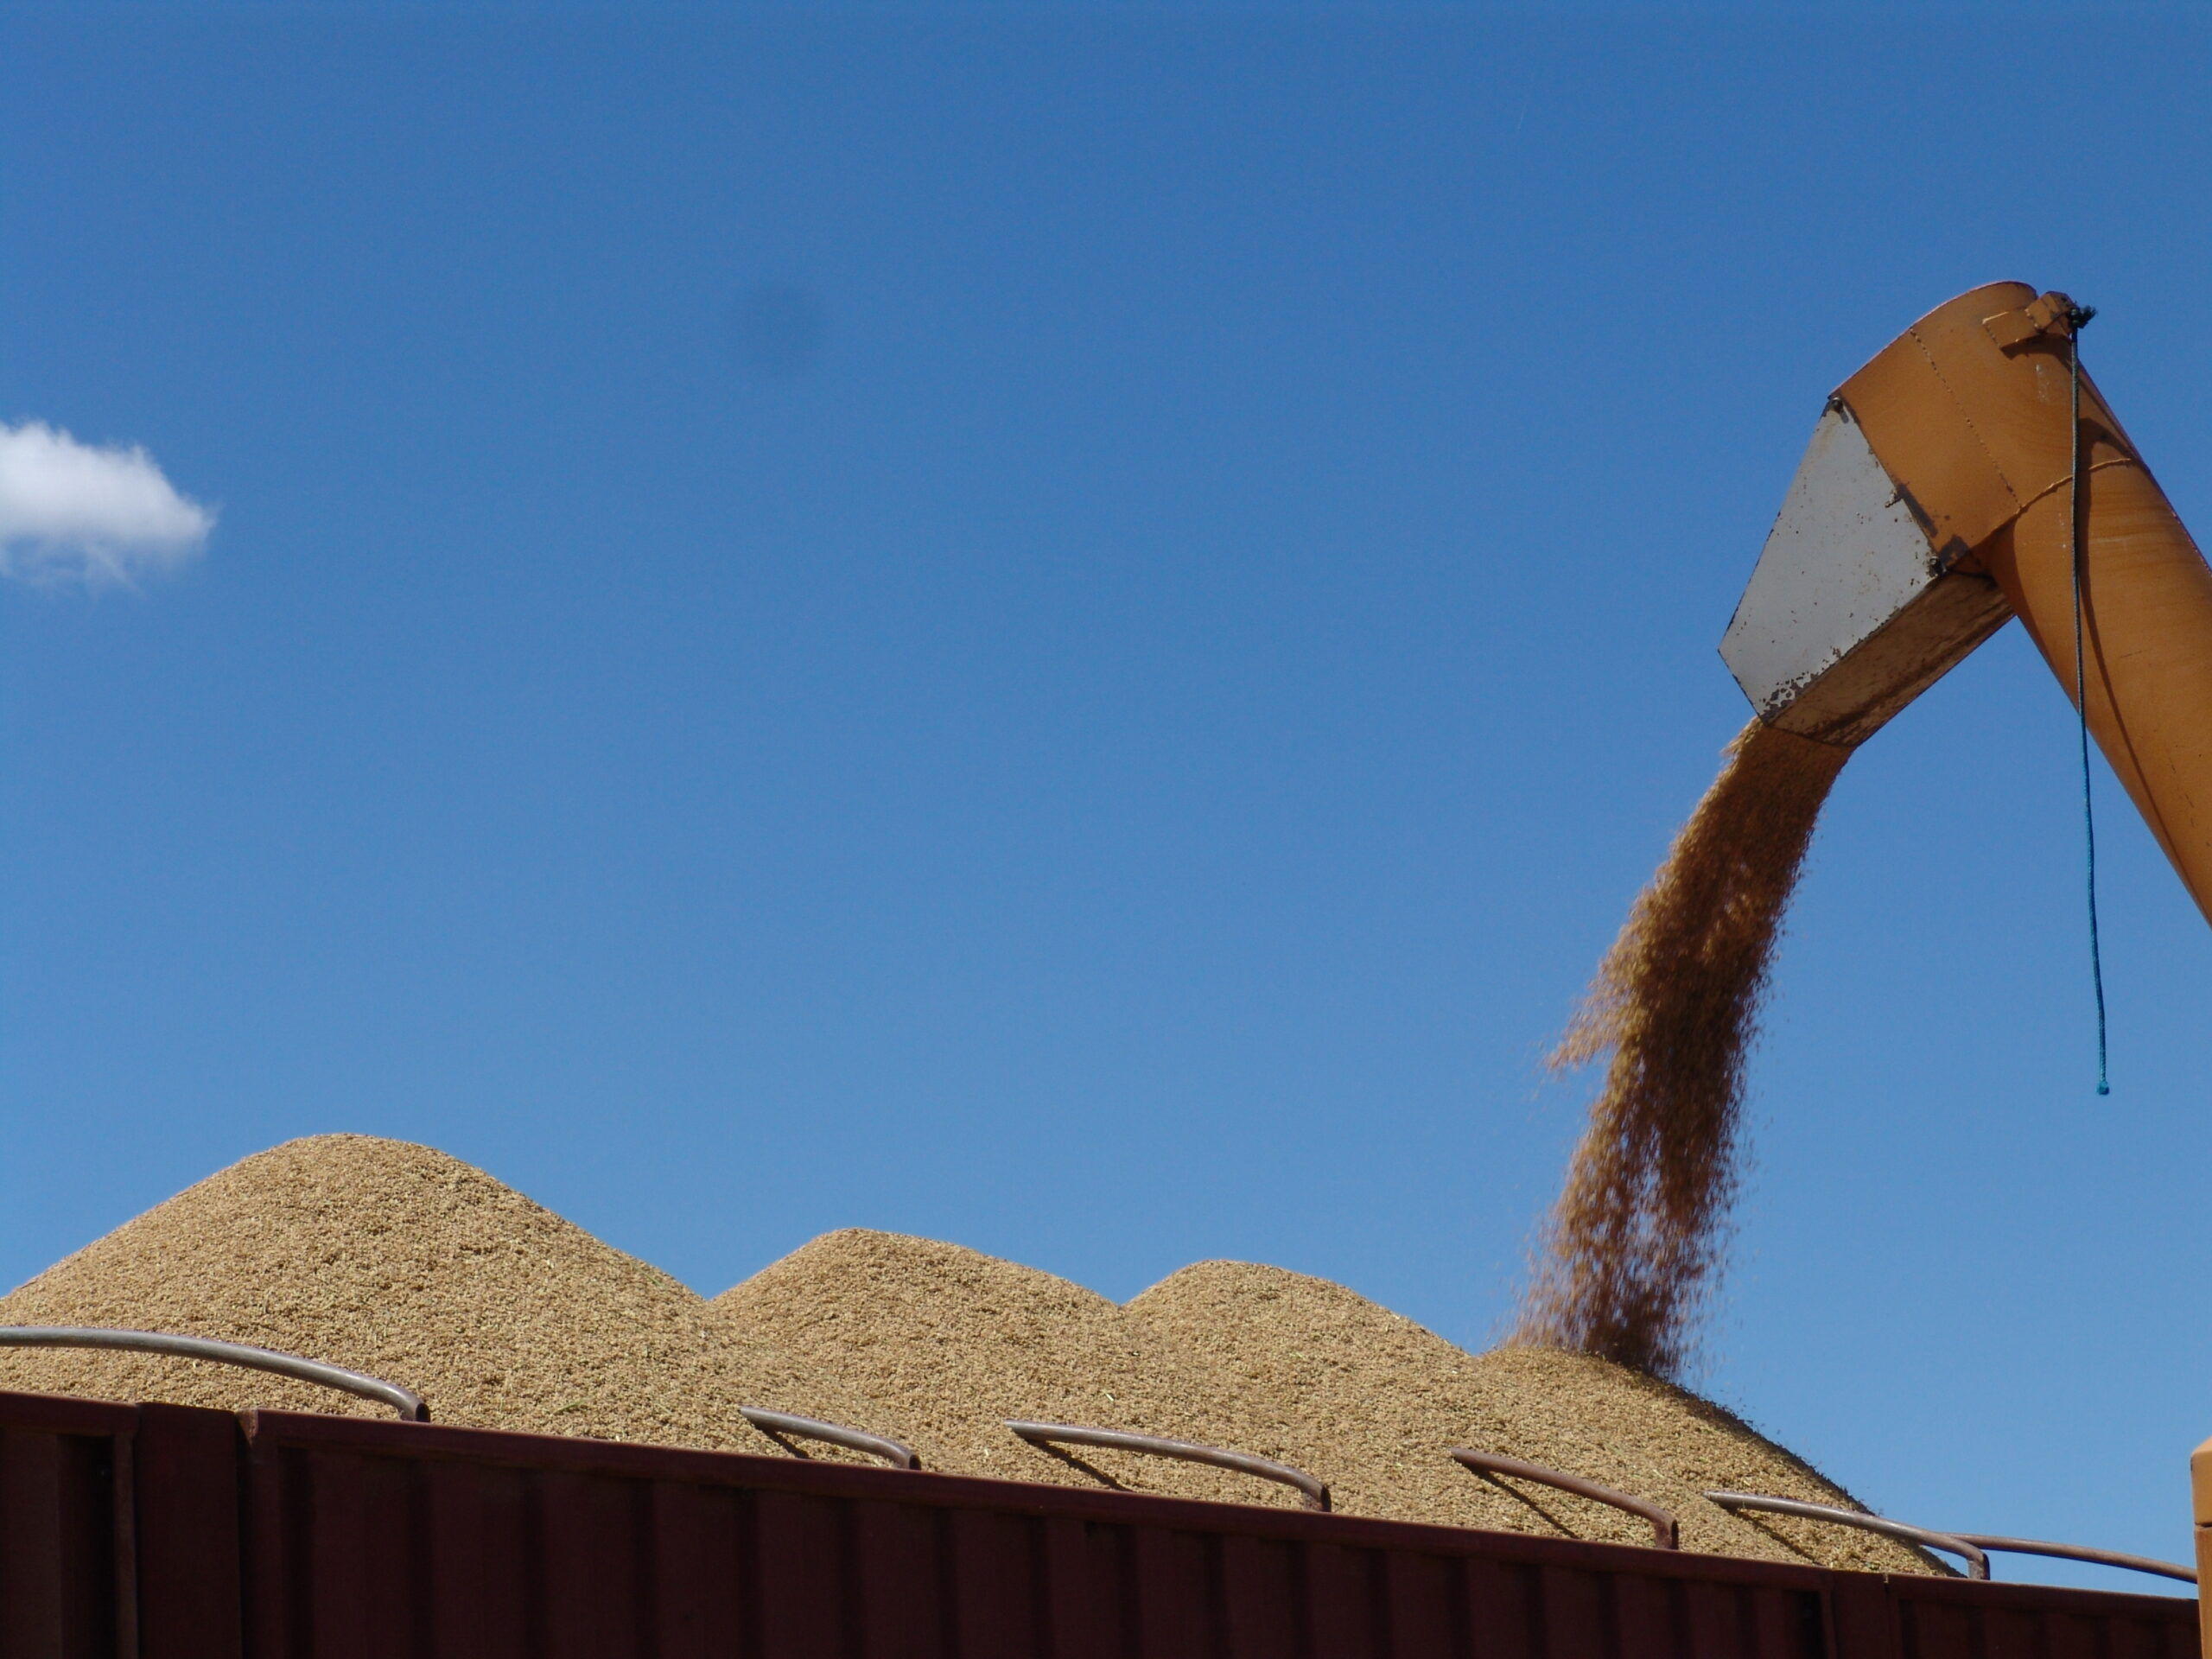 Grãos longos vão dominar aumento da oferta norte-americana. Foto: Robispierre Giuliani/Planeta arroz